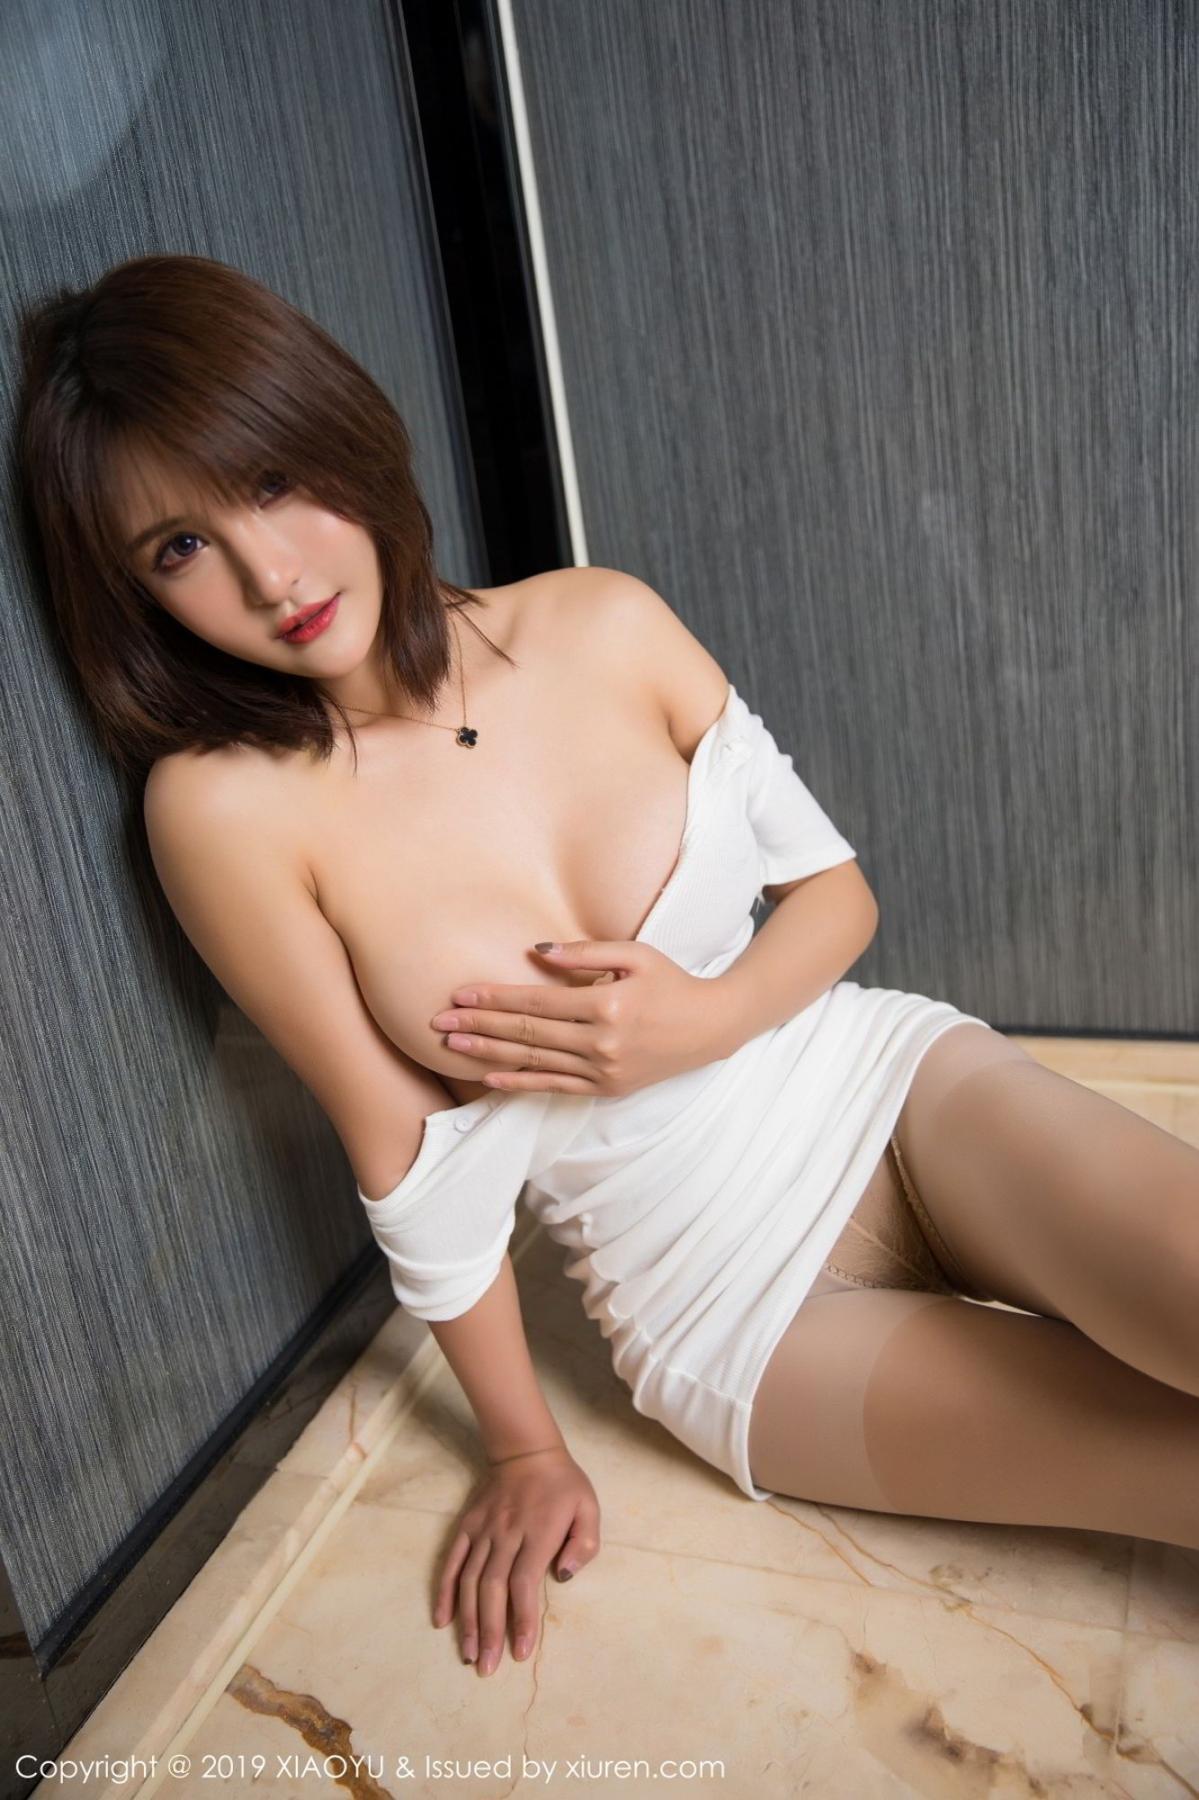 [XiaoYu] Vol.112 Solo Yi Fei 28P, Solo Yi Fei, Underwear, XiaoYu